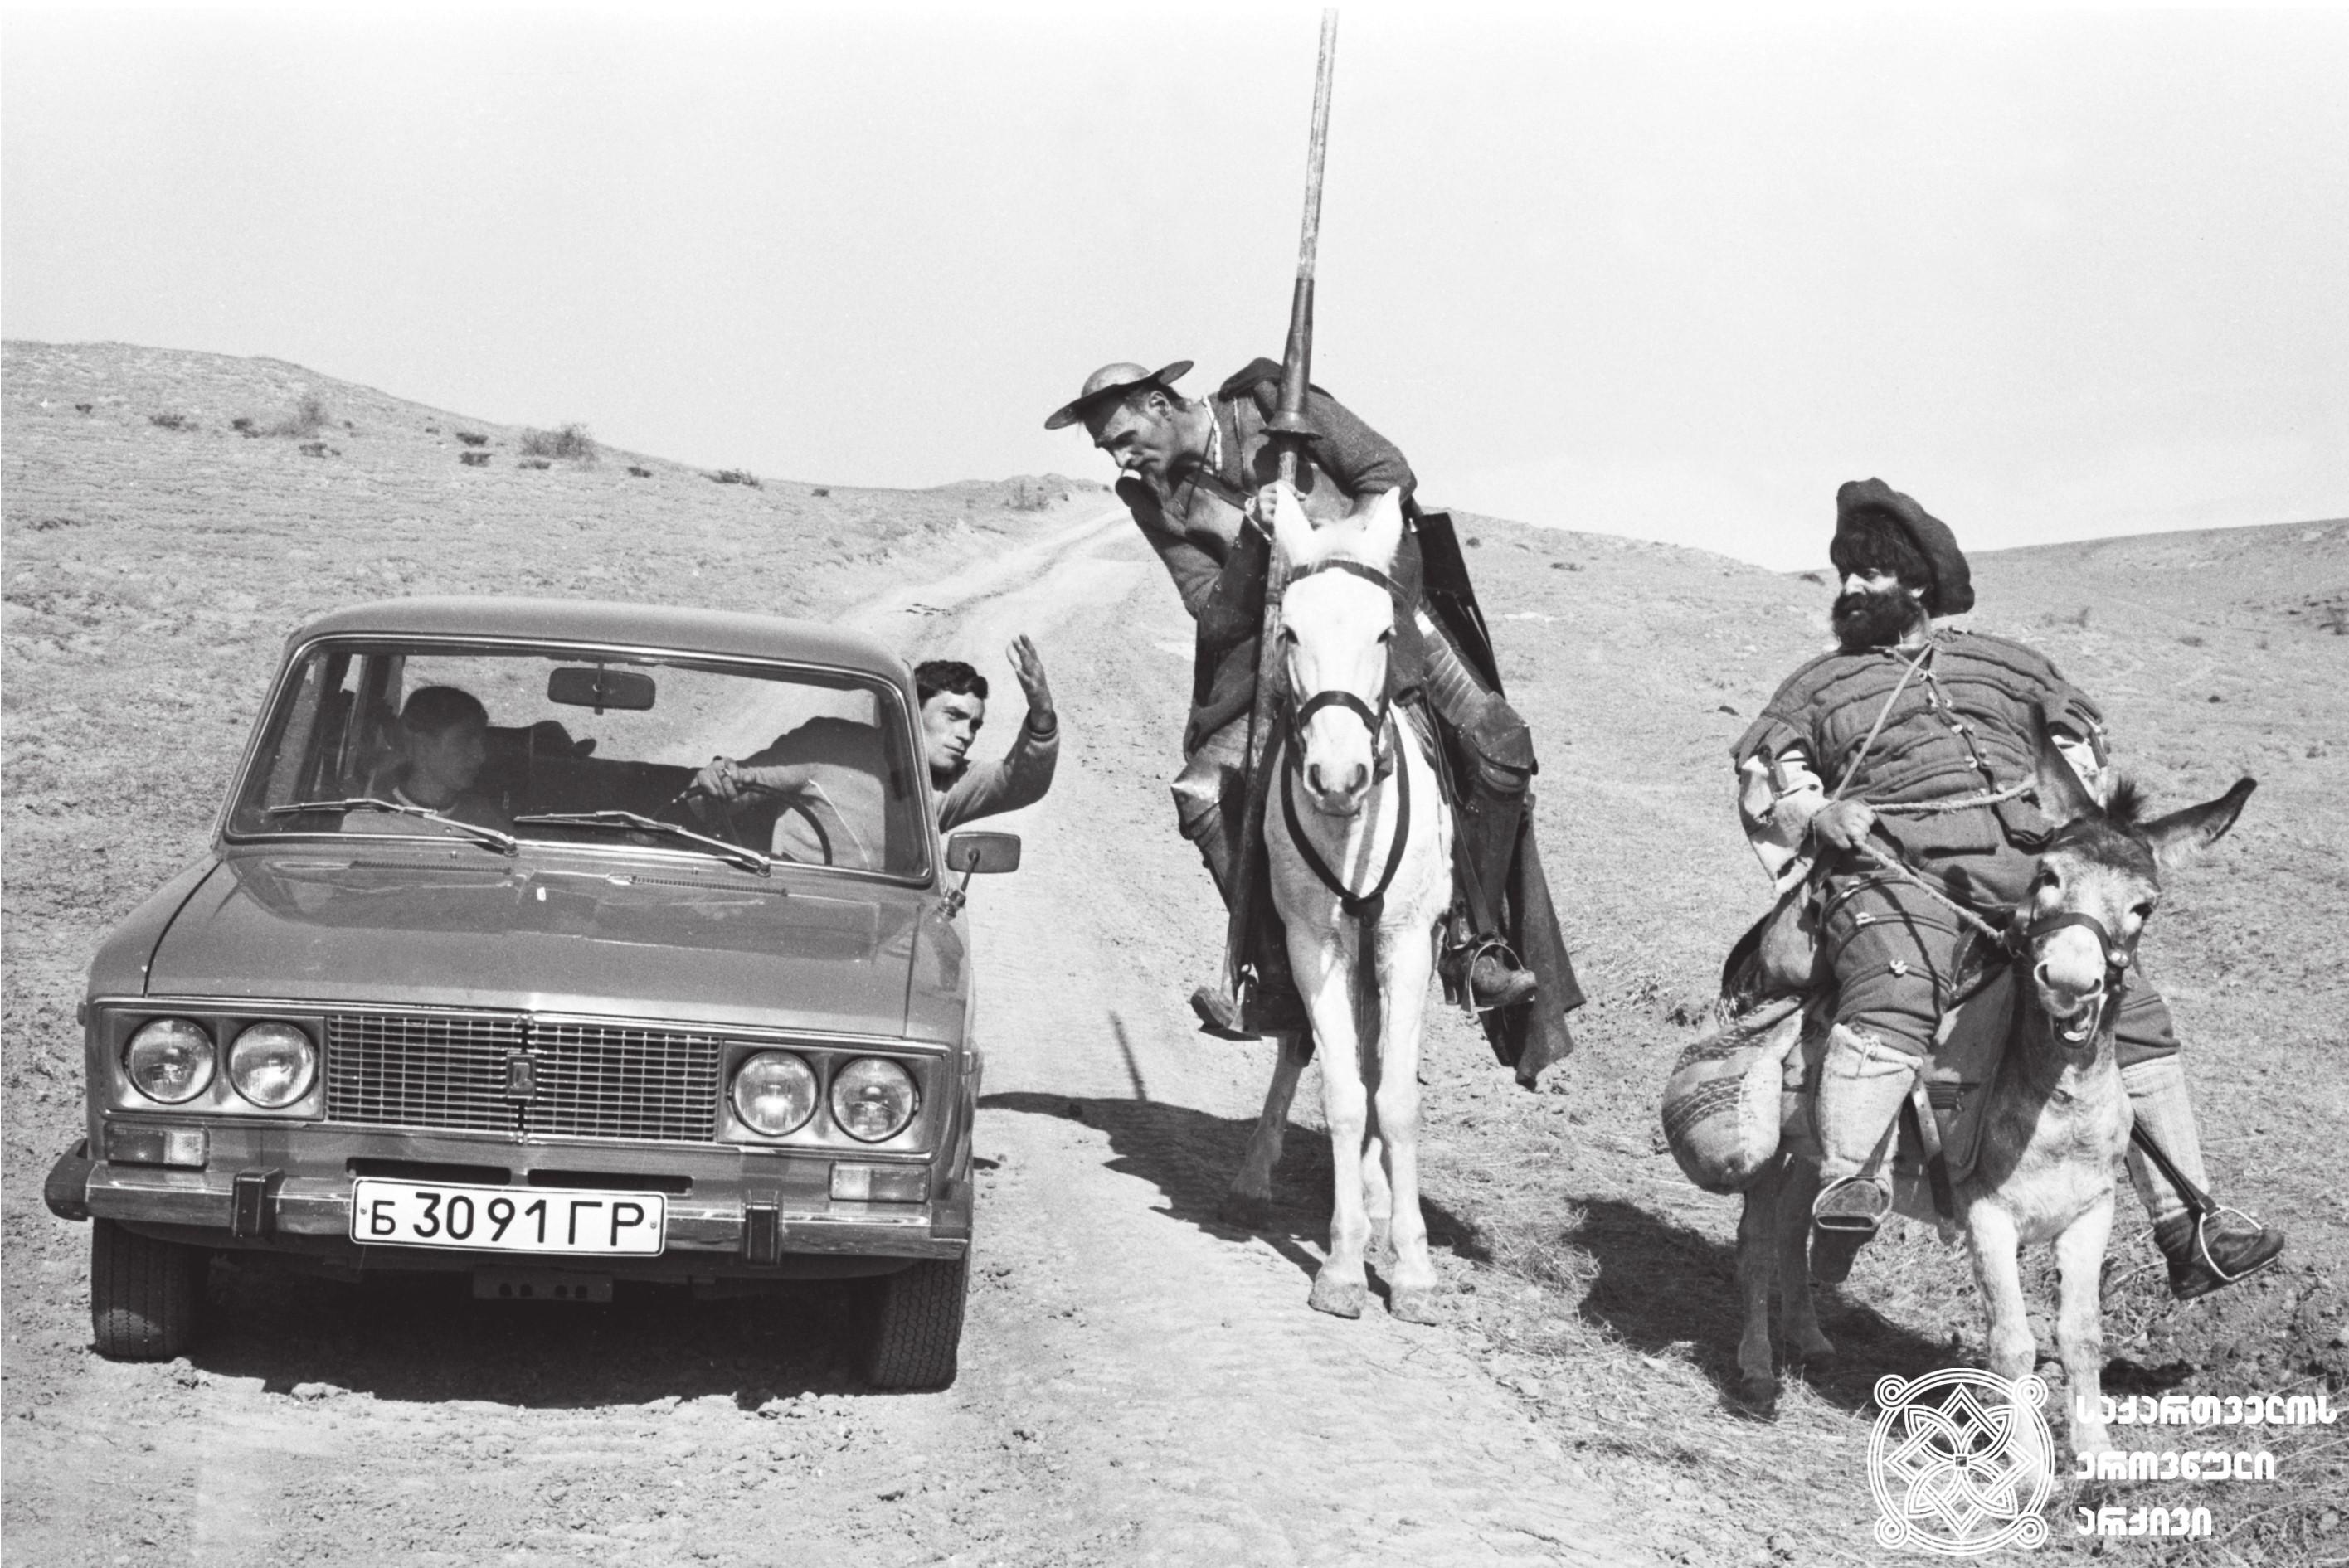 """მხატვრული ფილმი """"ცხოვრება დონ კიხოტისა და სანჩოსი"""", მსახიობები: კახი კავსაძე და მამუკა კიკალეიშვილი გადასაღებ მოედანზე.  <br>რეჟისორი: რევაზ ჩხეიძე.  1989 <br> Feature film """"Life of Don Quixote and Sancho"""", actors: Kakhi Kavsadze and Mamuka Kikaleishvili on the filming location.  <br>Director: Revaz Chkheidze.  1989"""